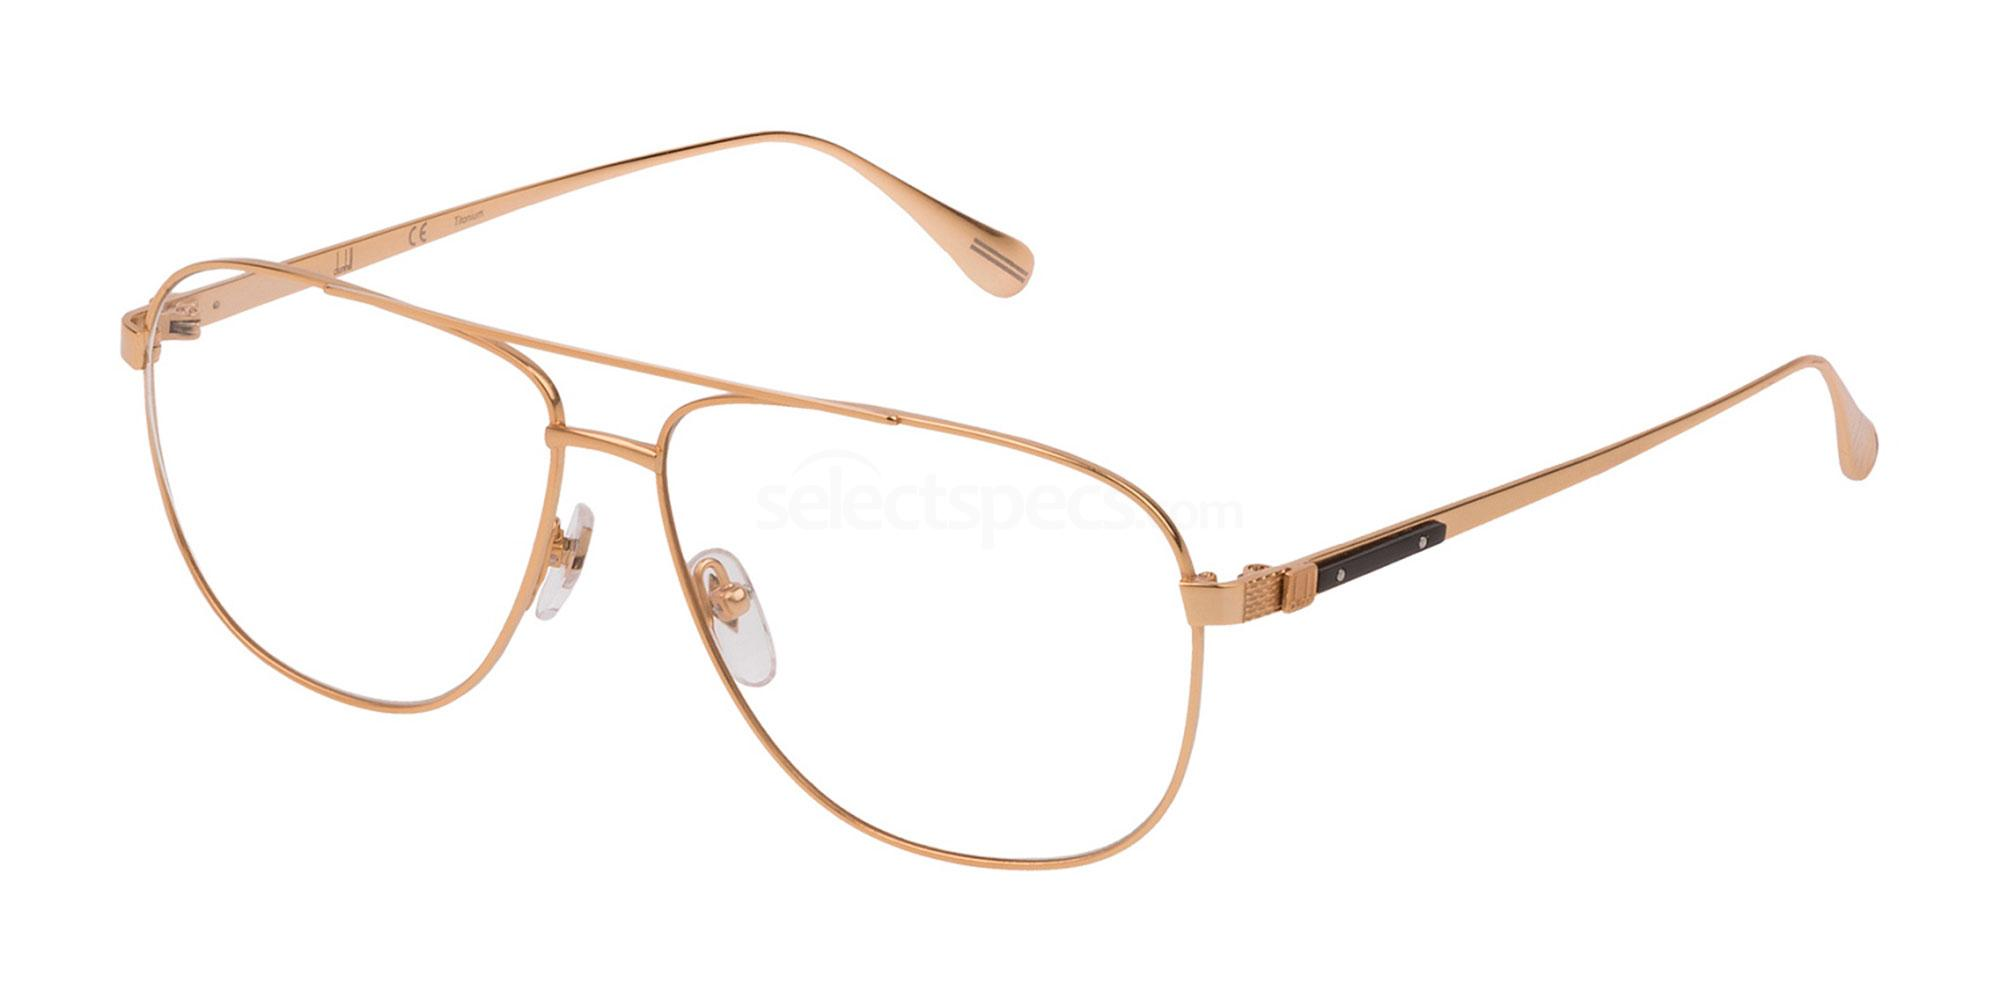 0300 VDH151M Glasses, Dunhill London